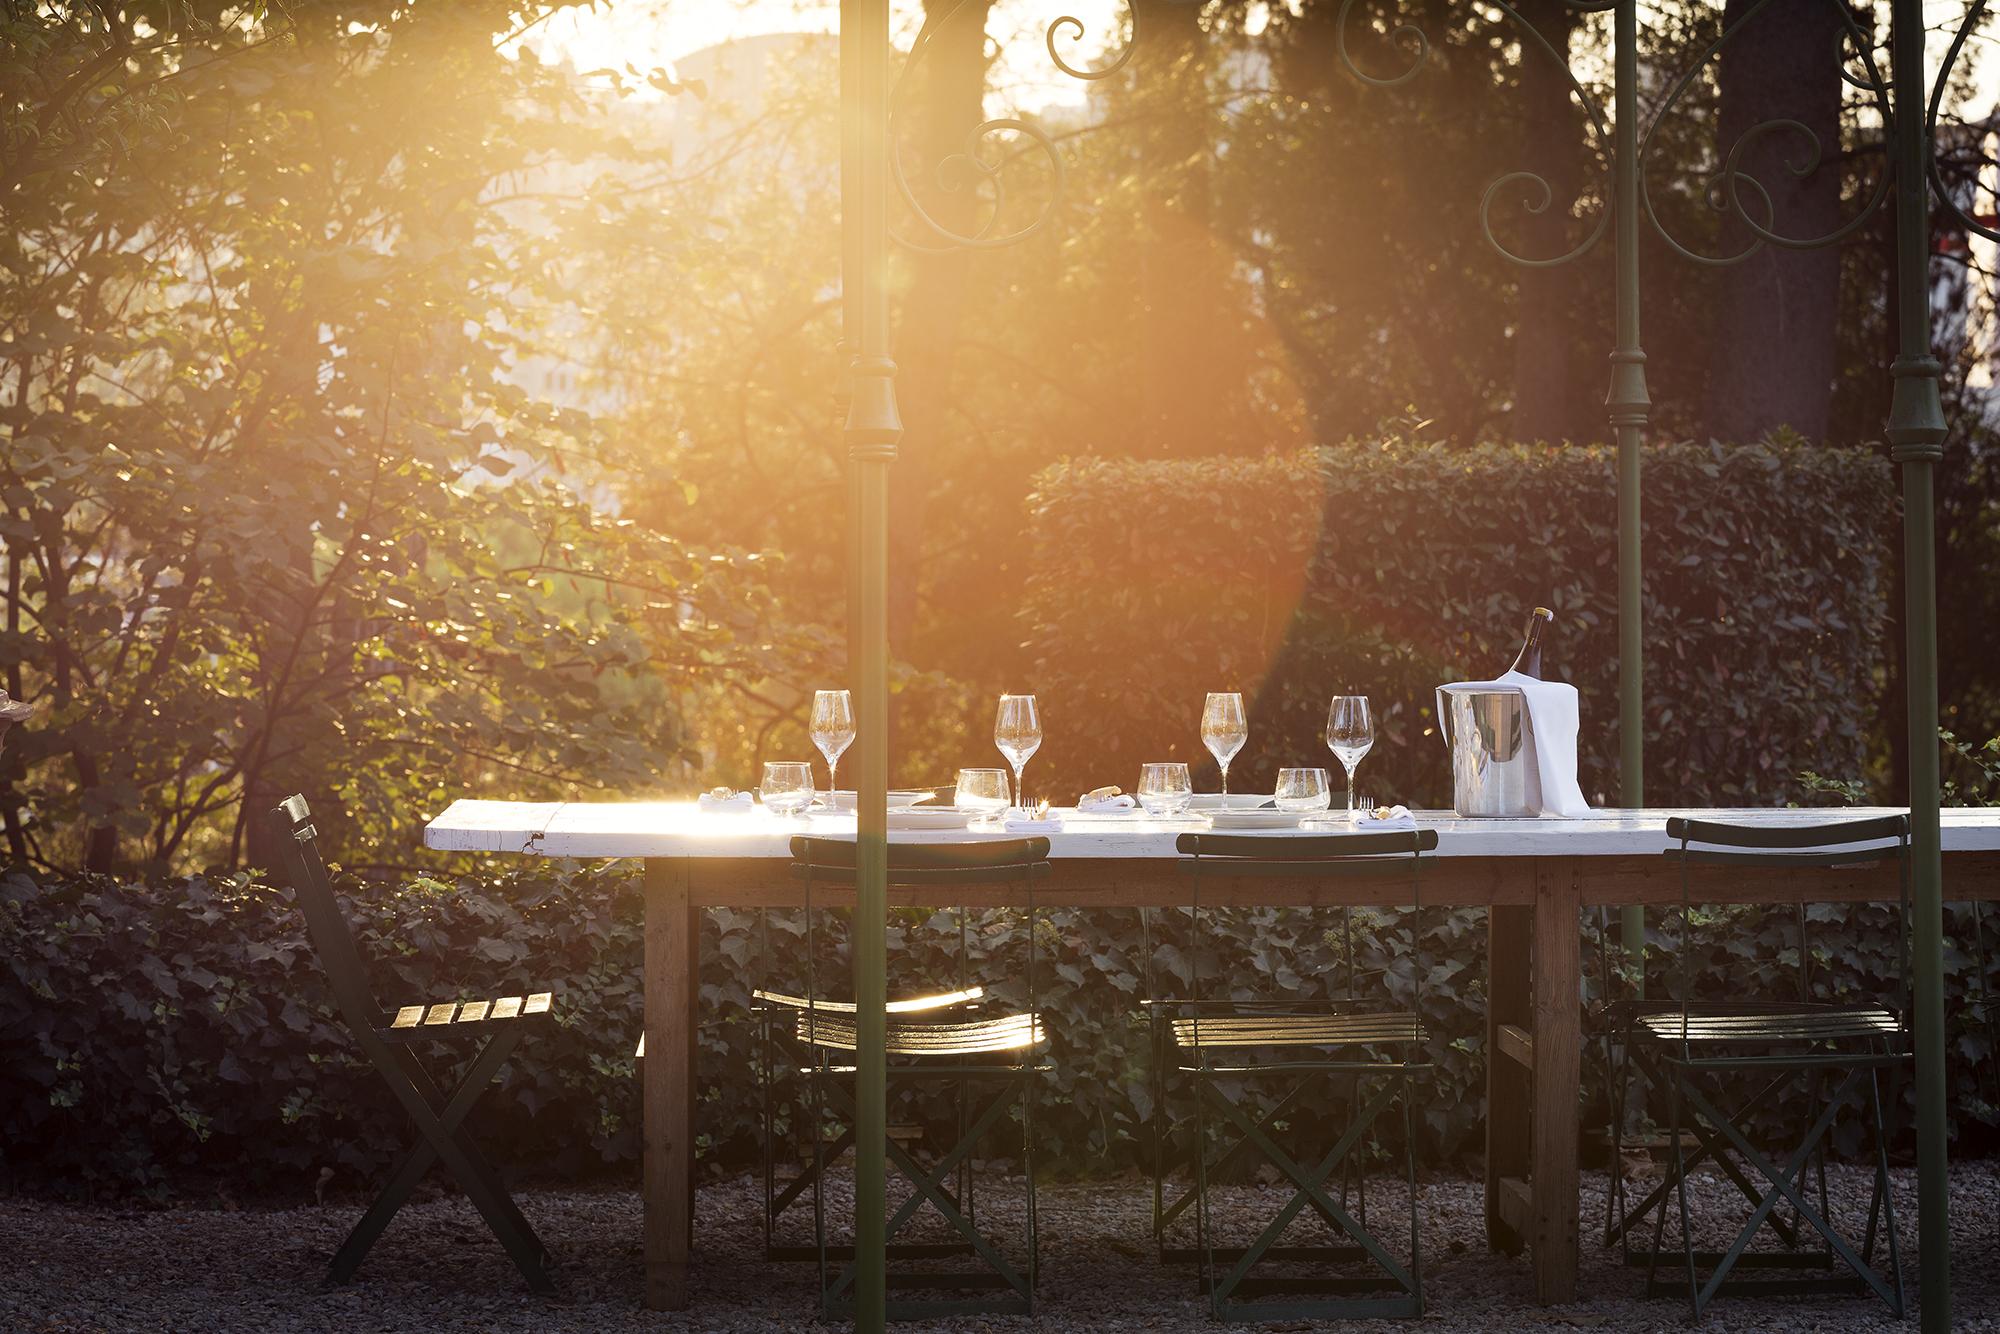 Bonon Maison d'hotes restaurant montpellier 2016